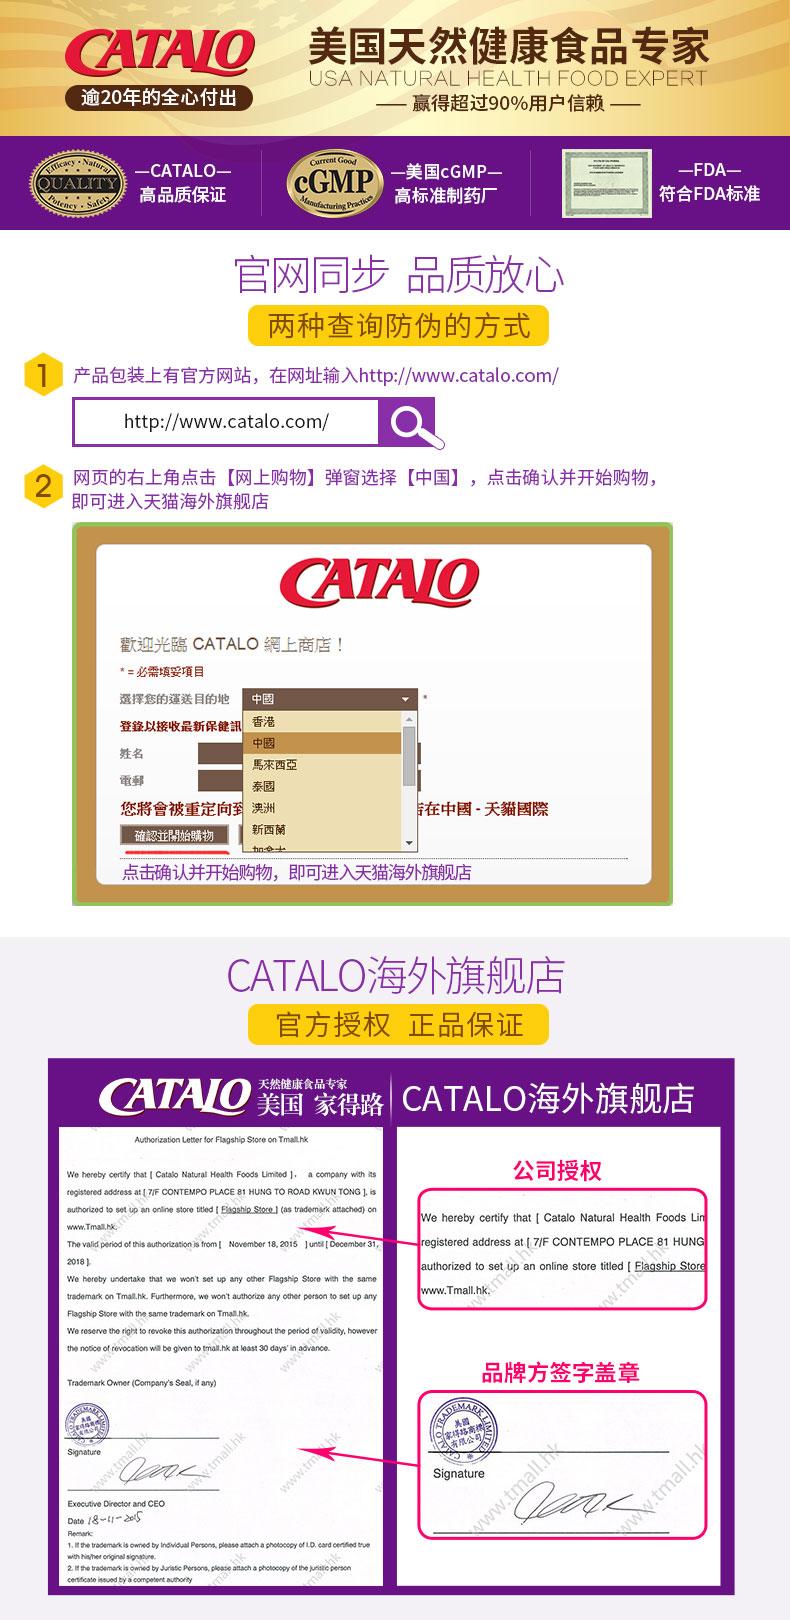 CATALO孕妇专用DHA海藻油 美国进口孕期营养藻油哺乳期产妇保健品 产品系列 第2张